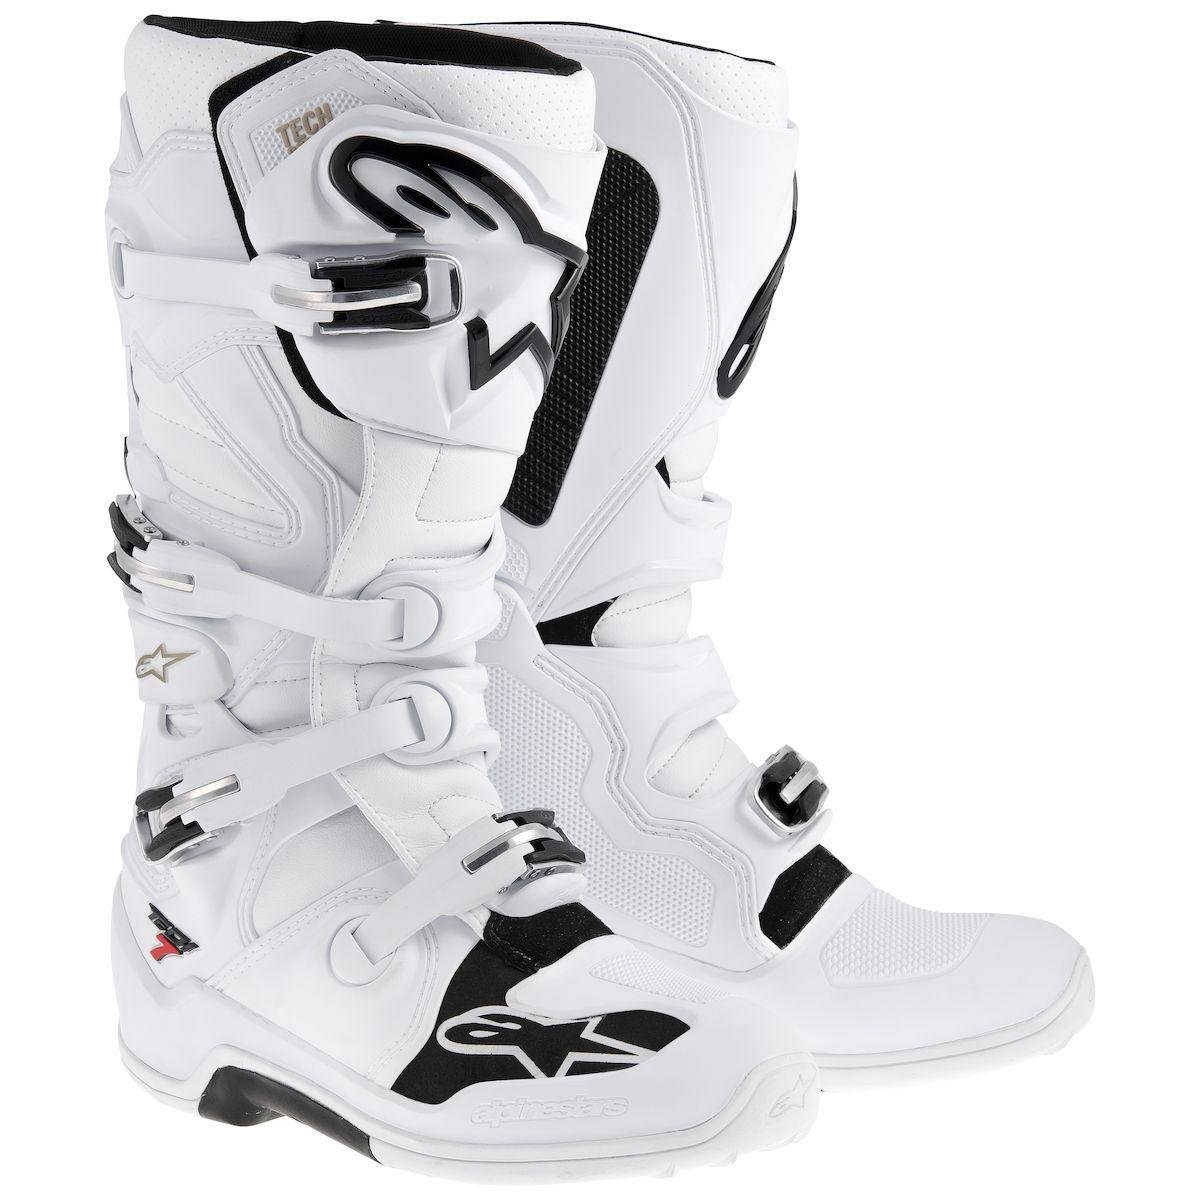 Alpinestars Tech 7 Mens White Motocross Boots - 15 B00E4NN0TM 15 D(M) US